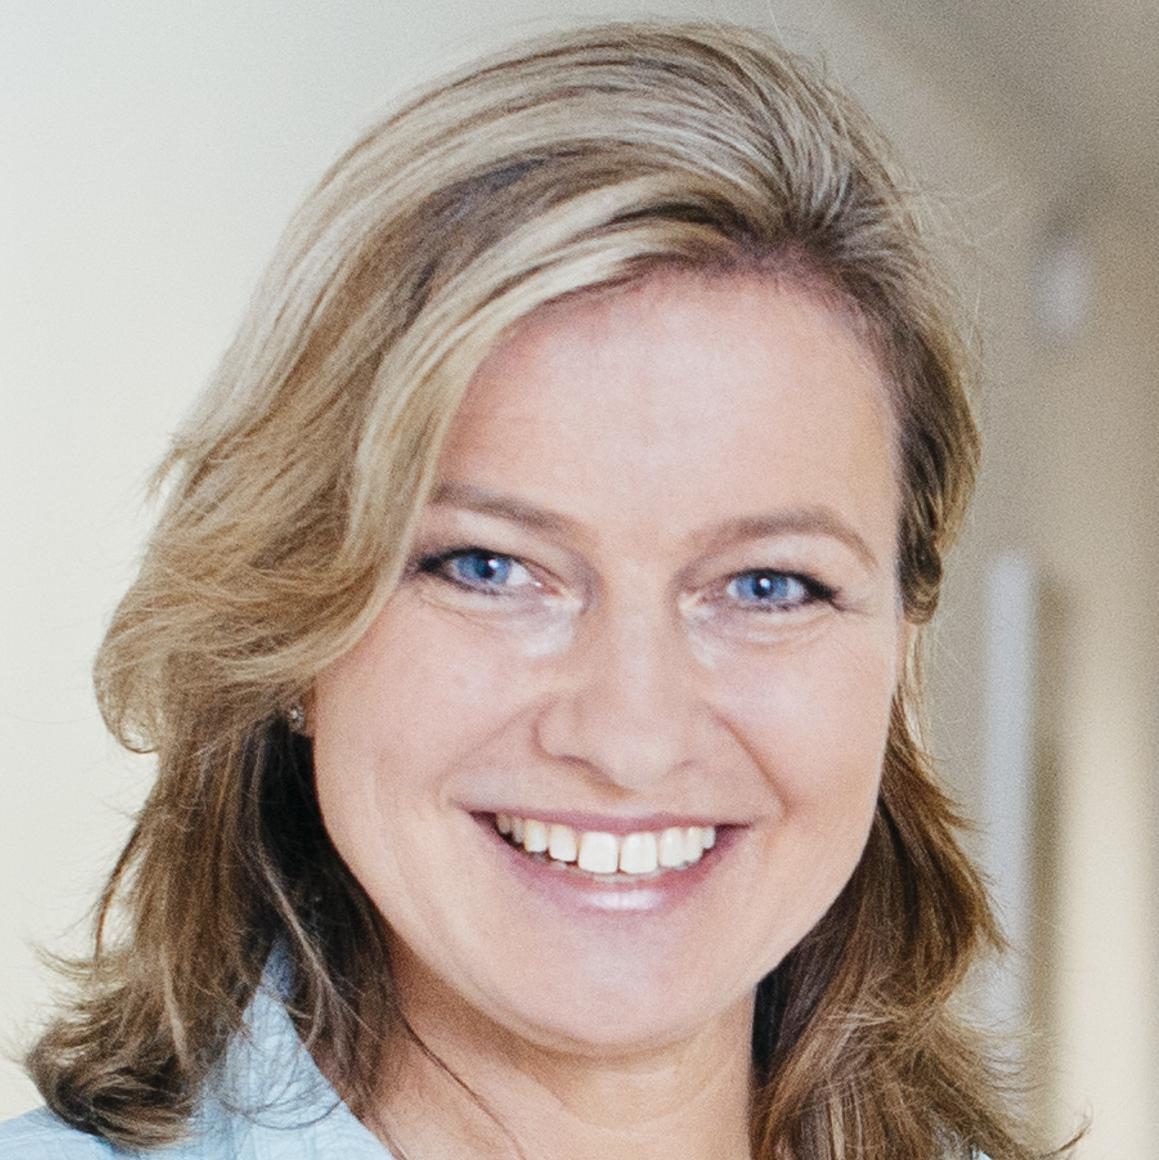 Iska Schreglmann